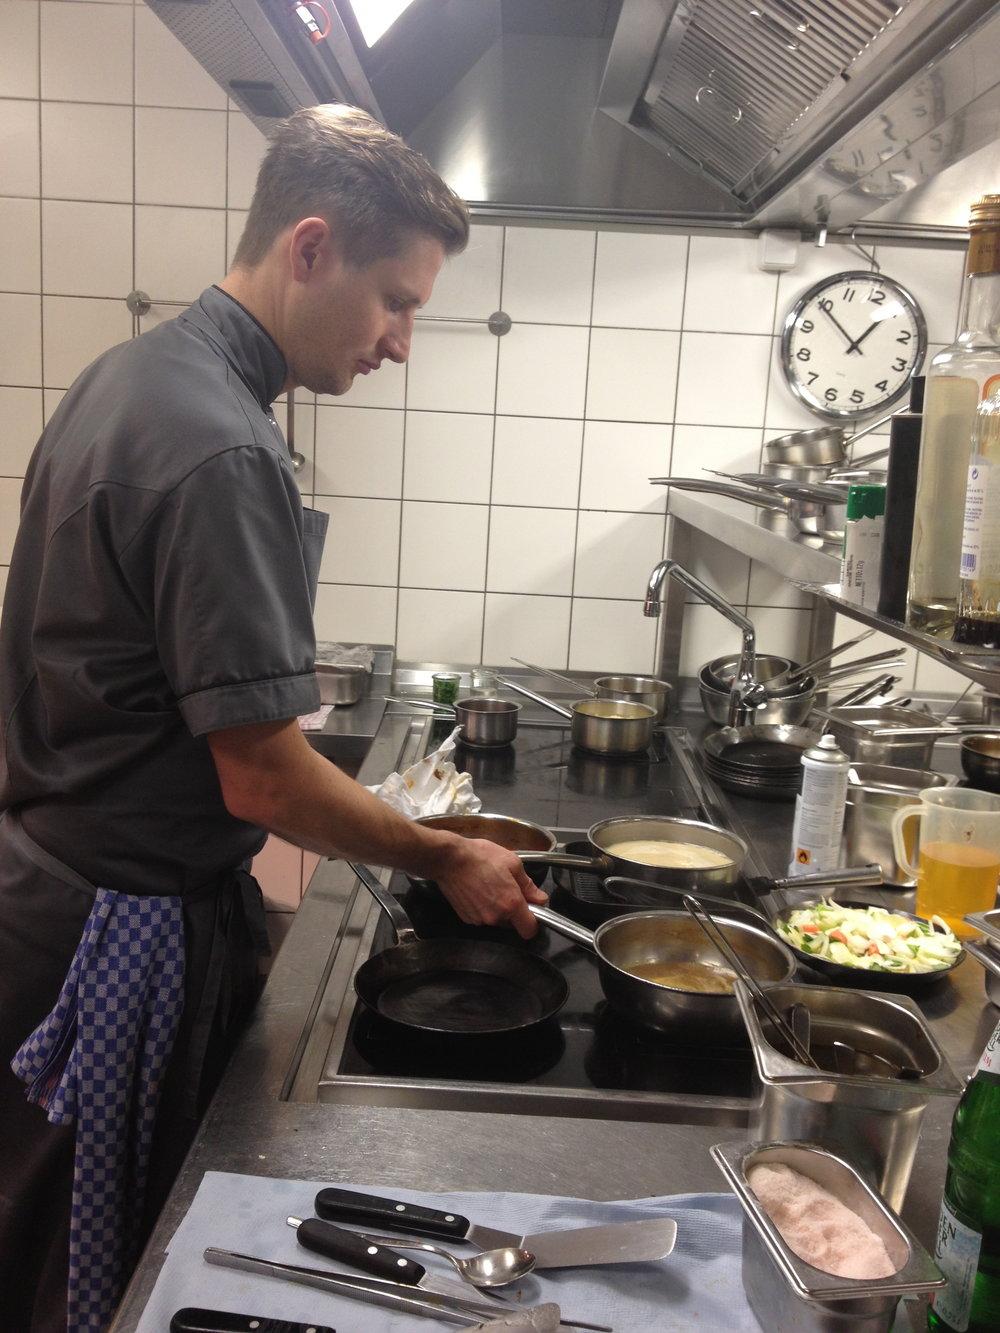 Michael Kempf in action in der Küche des Facil in Berlin © Valerie Soschynski